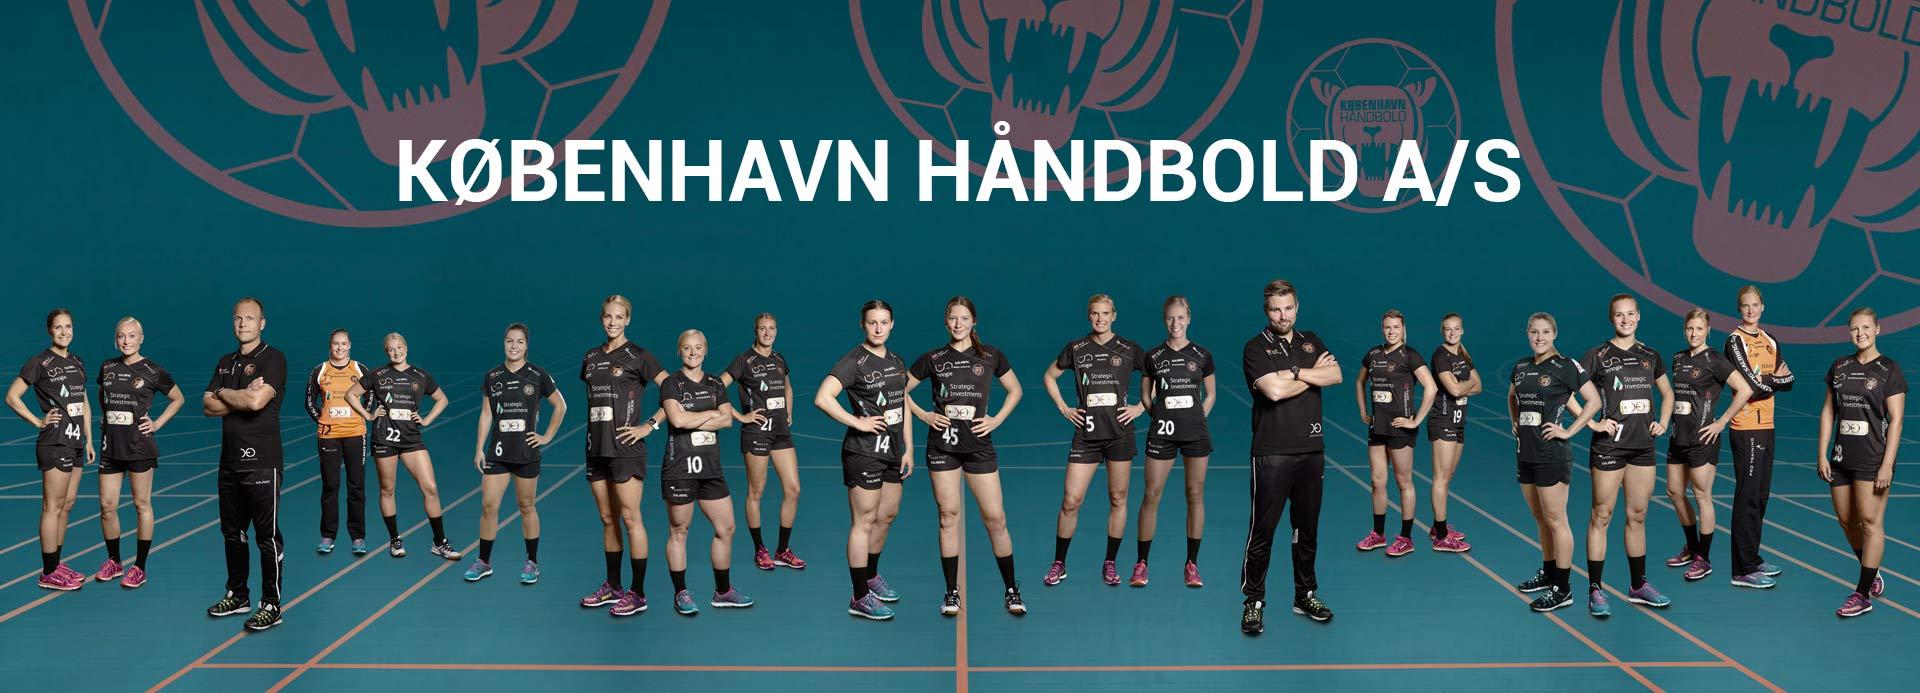 K-Laser sponsorer København Håndbold